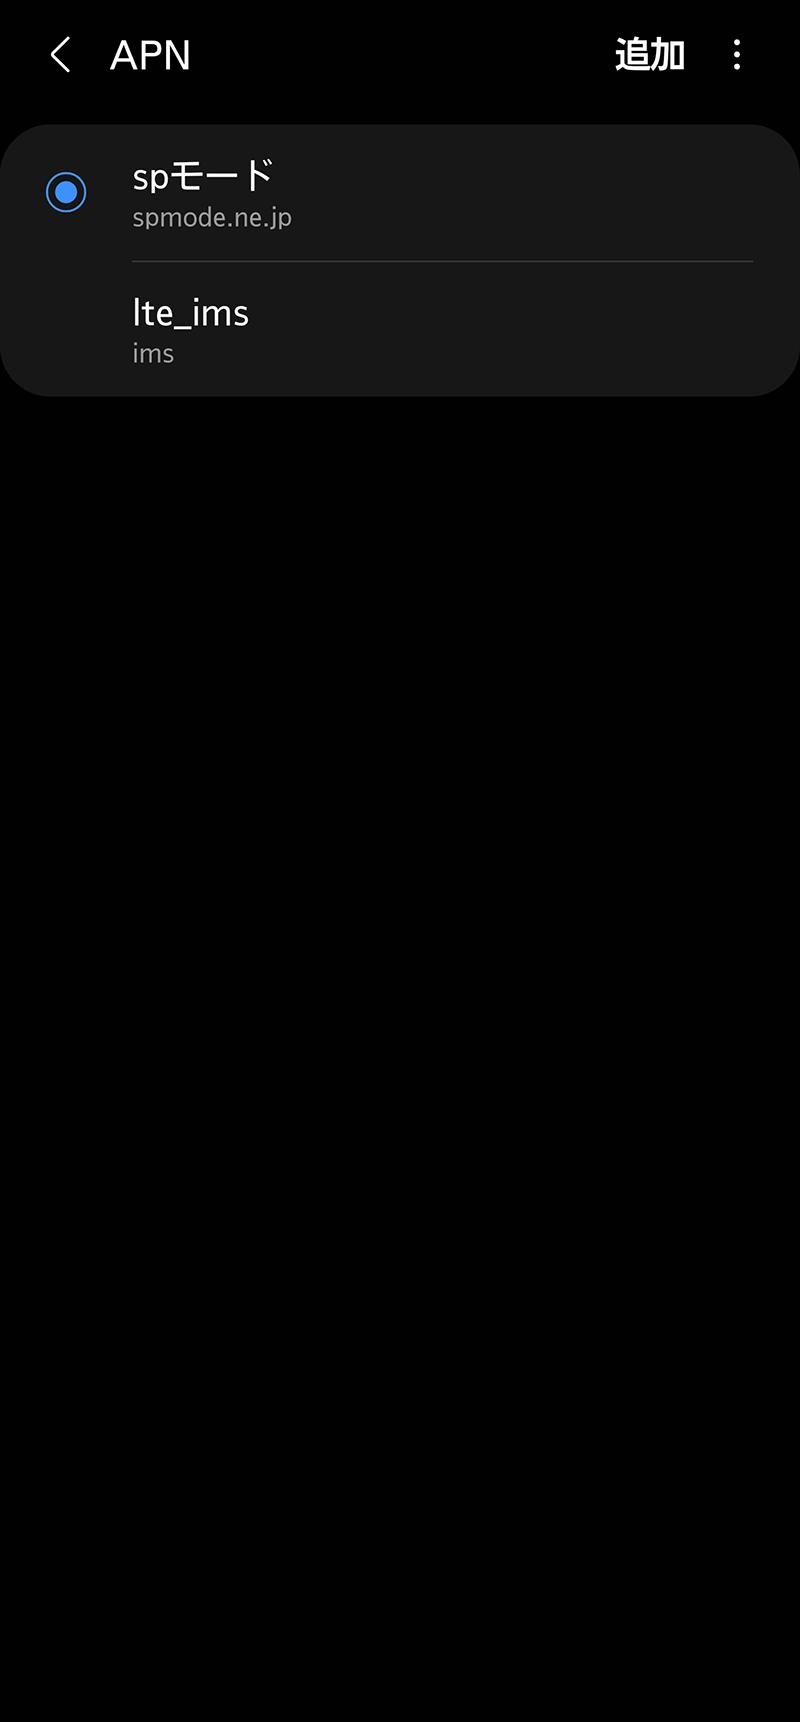 ドコモSIM装着時のAPN情報